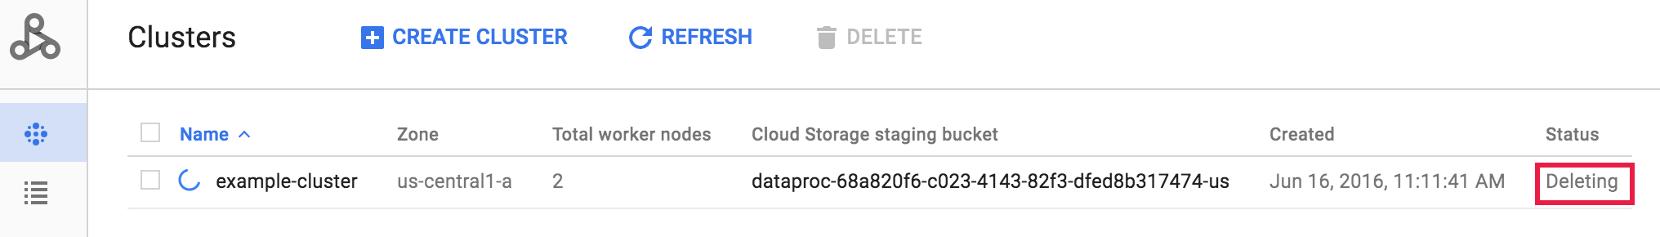 La page du cluster Dataproc confirme la suppression du cluster.